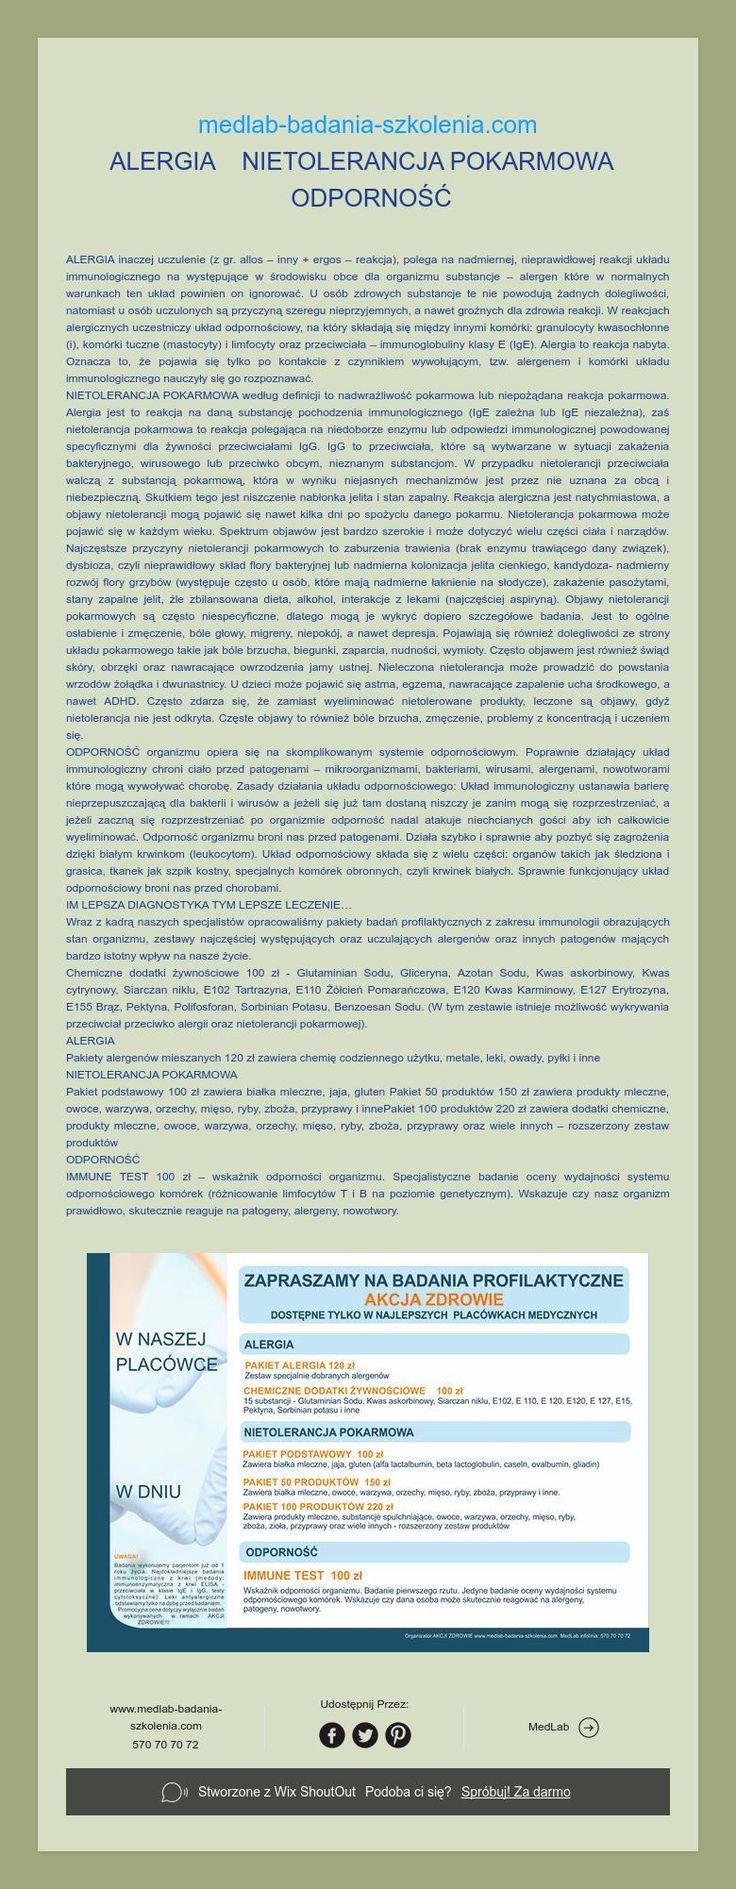 MedLab-badania-szkolenia.com